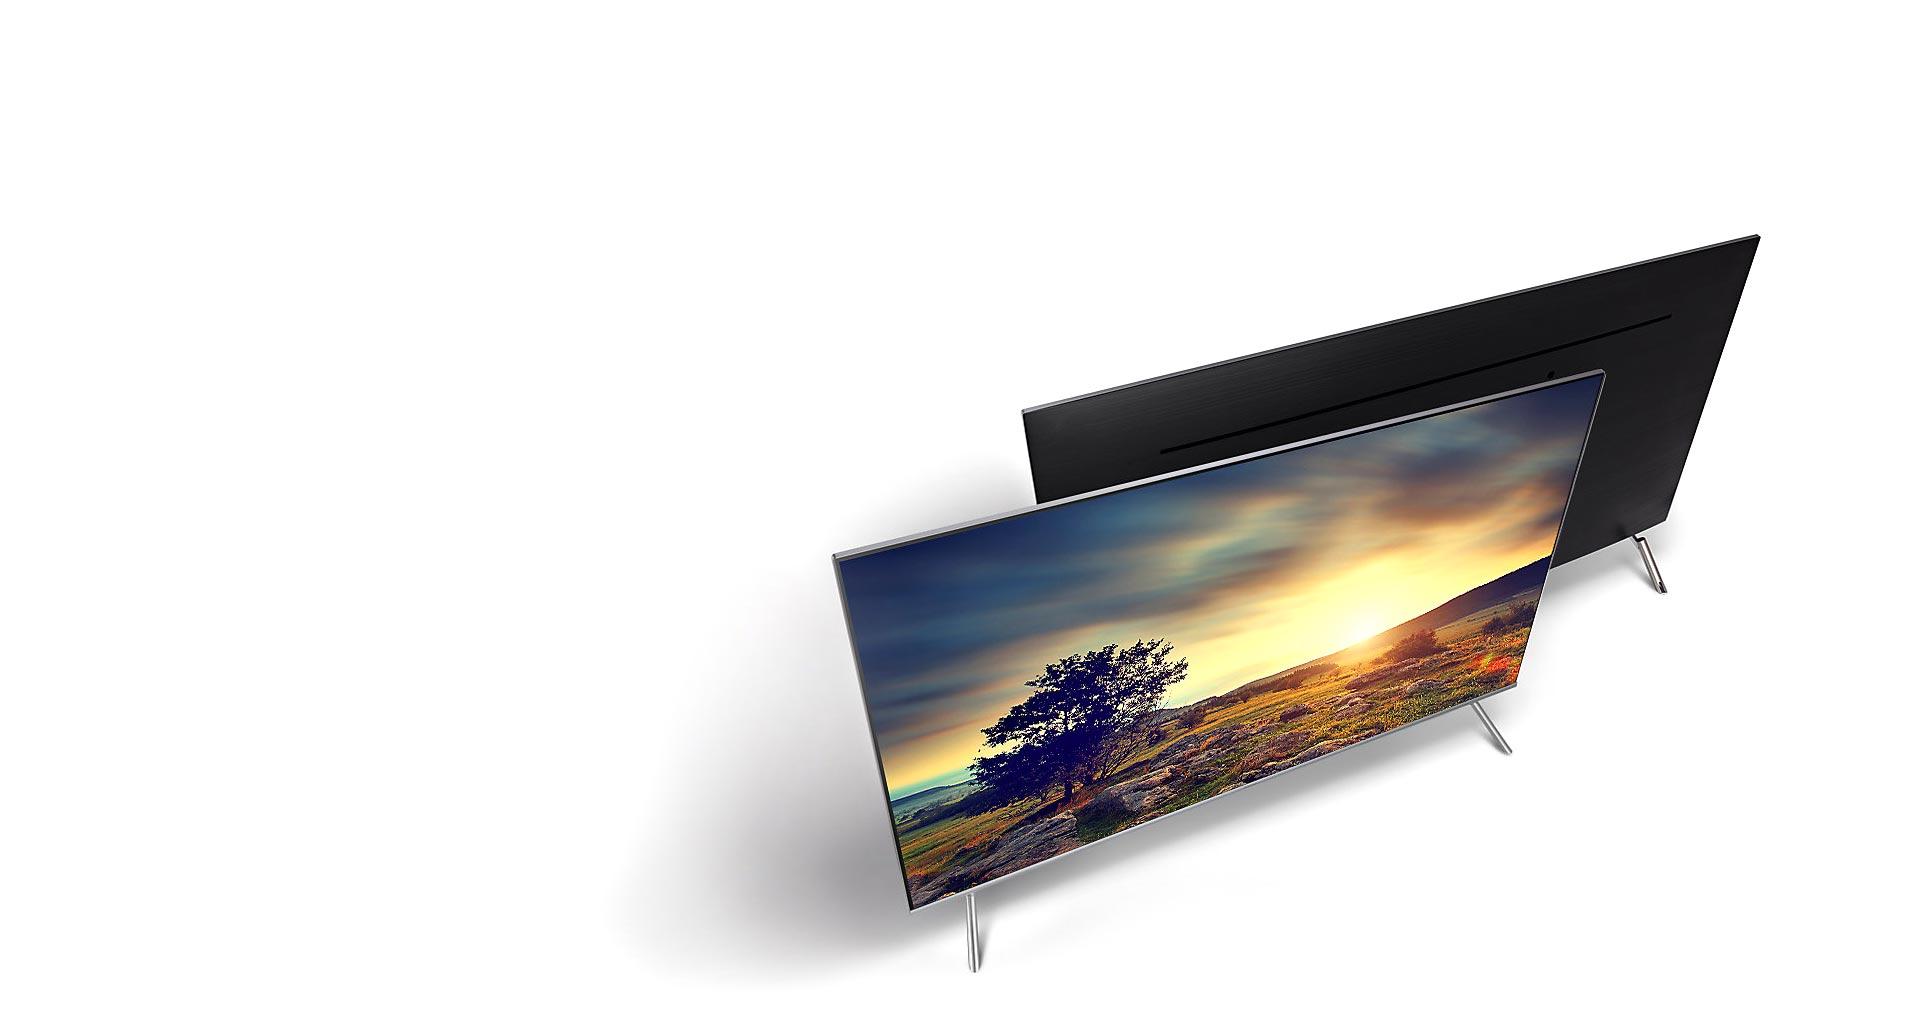 قیمت تلویزیون سامسونگ 55 اینچ سری 8